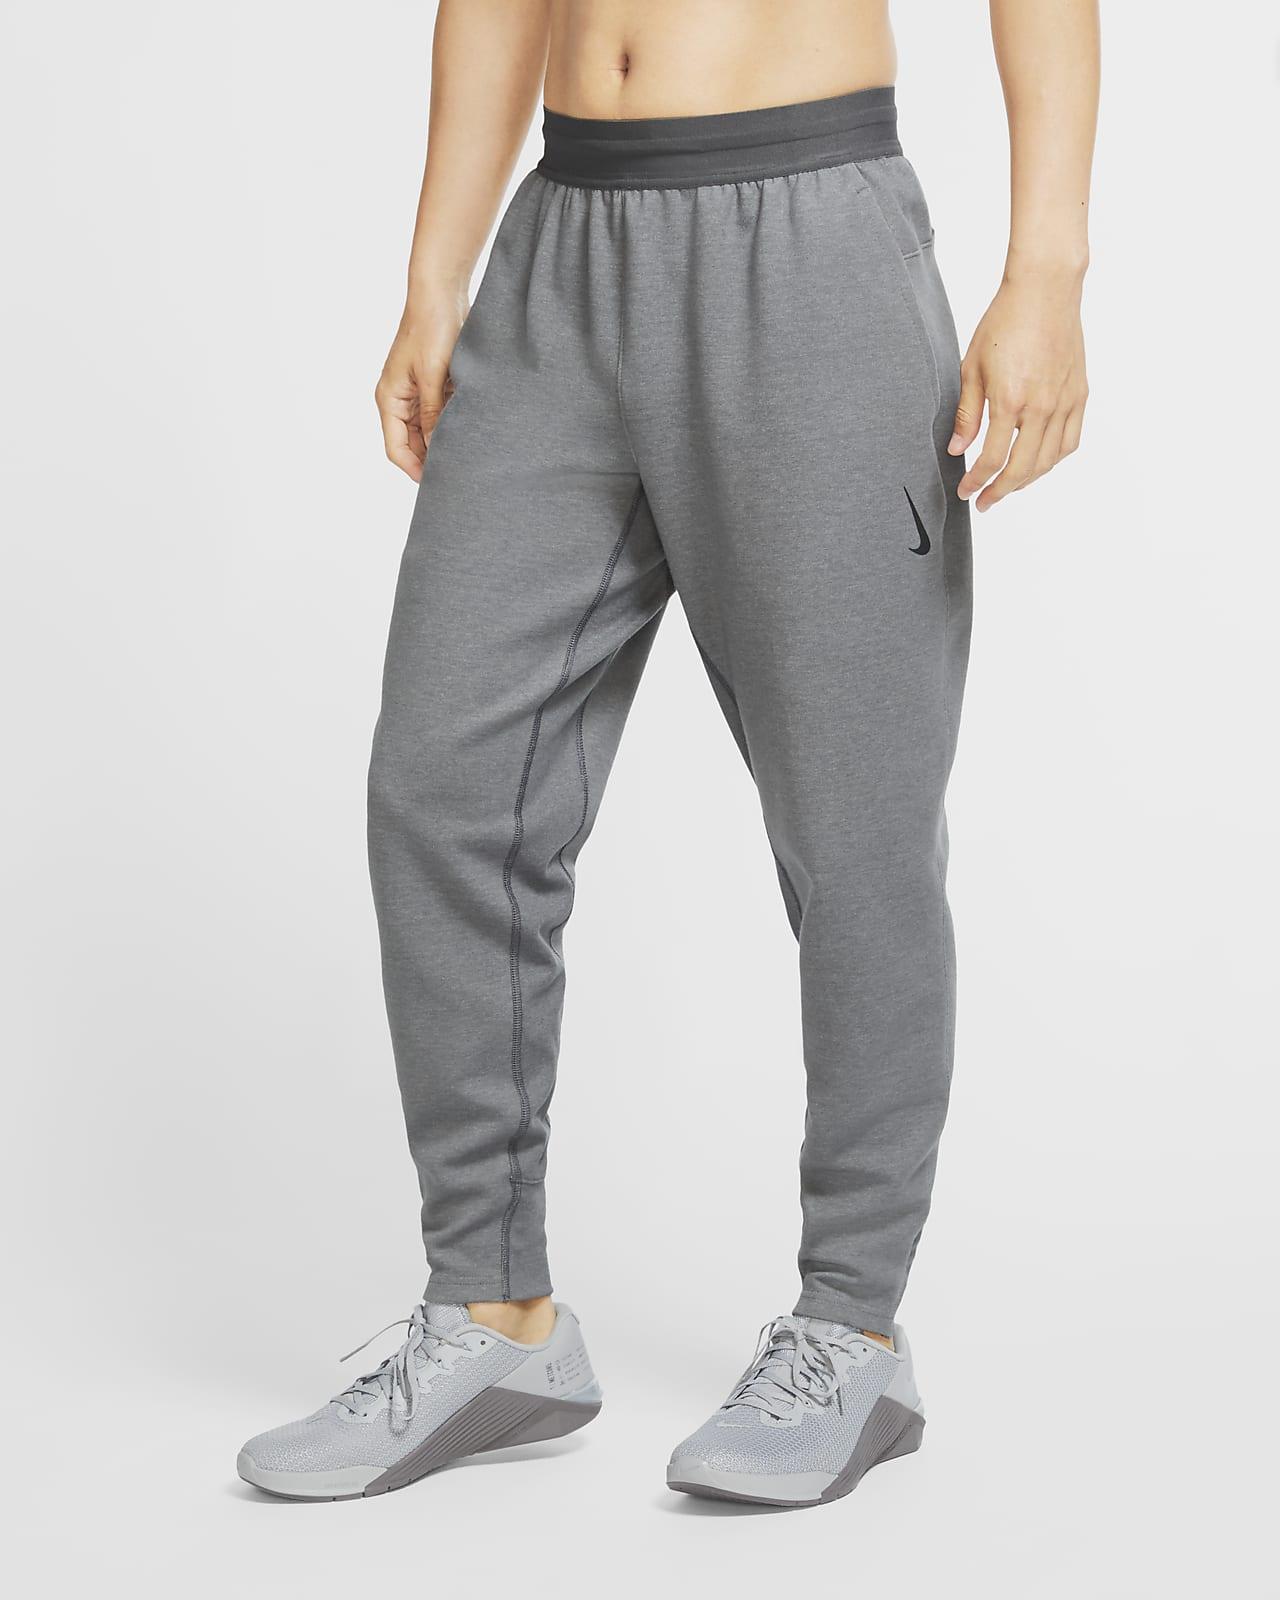 Nike Yoga Erkek Eşofman Altı